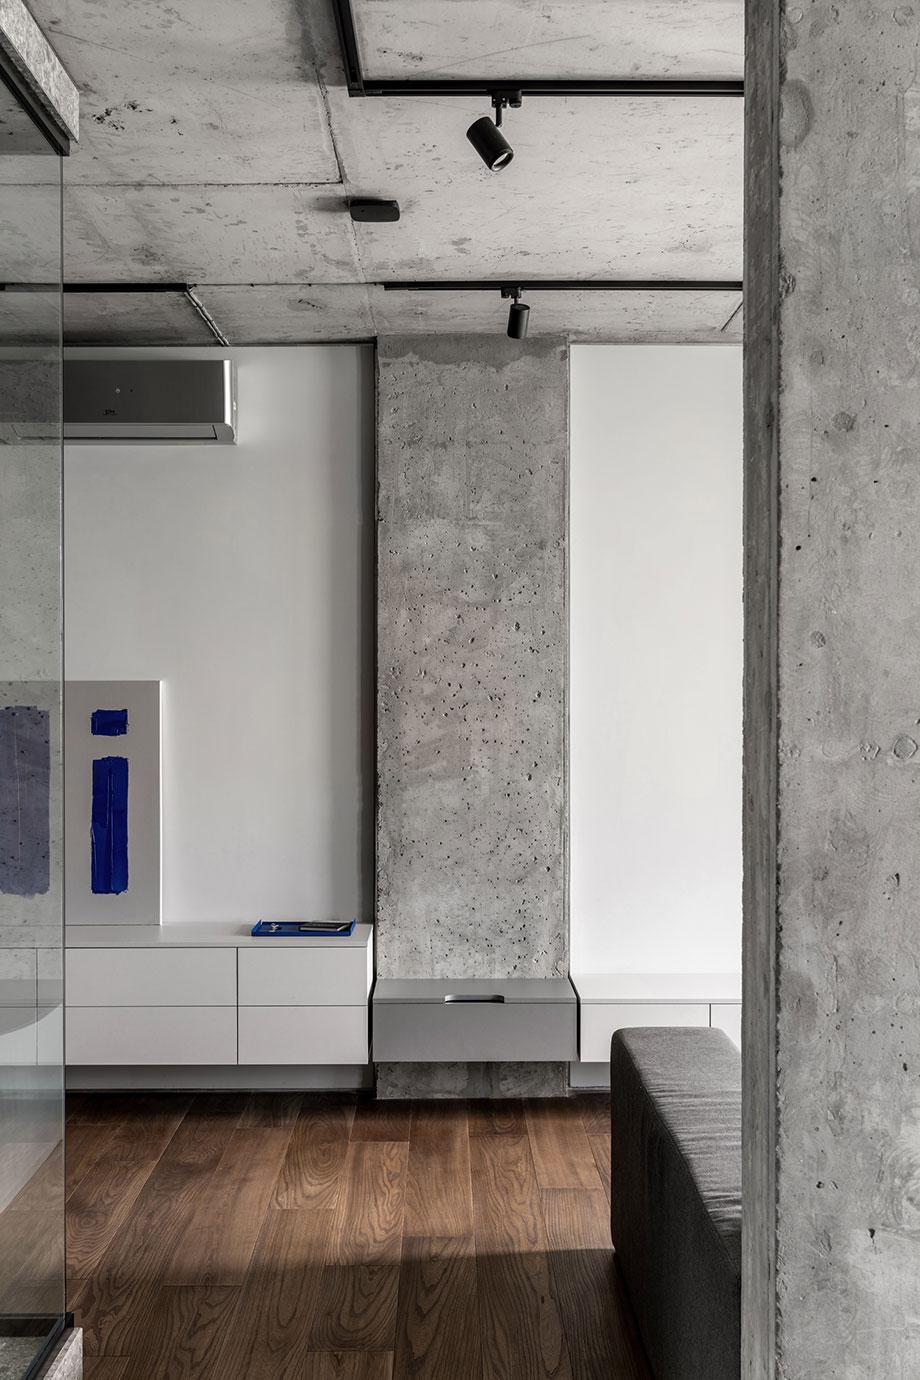 apartamento en kiev de fild (6) - foto andrey bezuglov